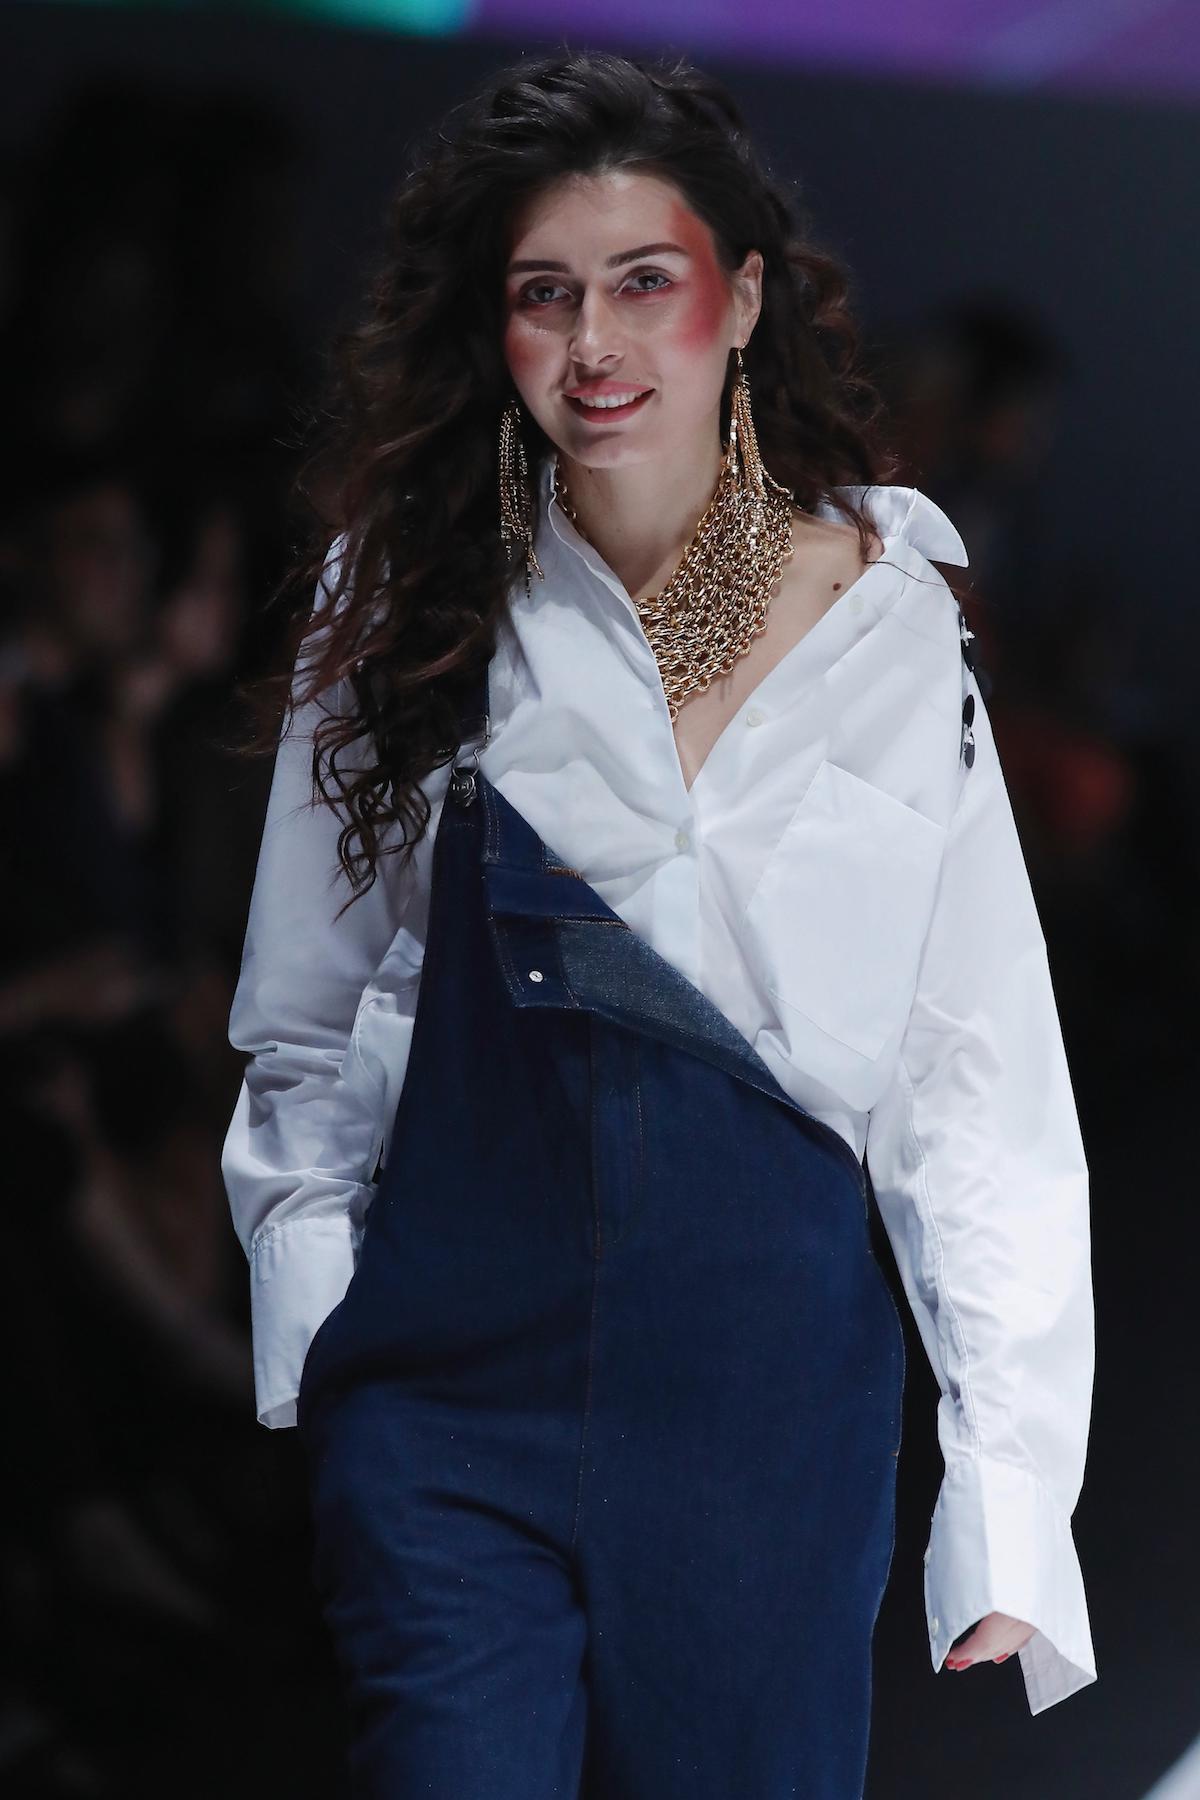 Wanita kaukasia dengan model rambut keriting panjang.